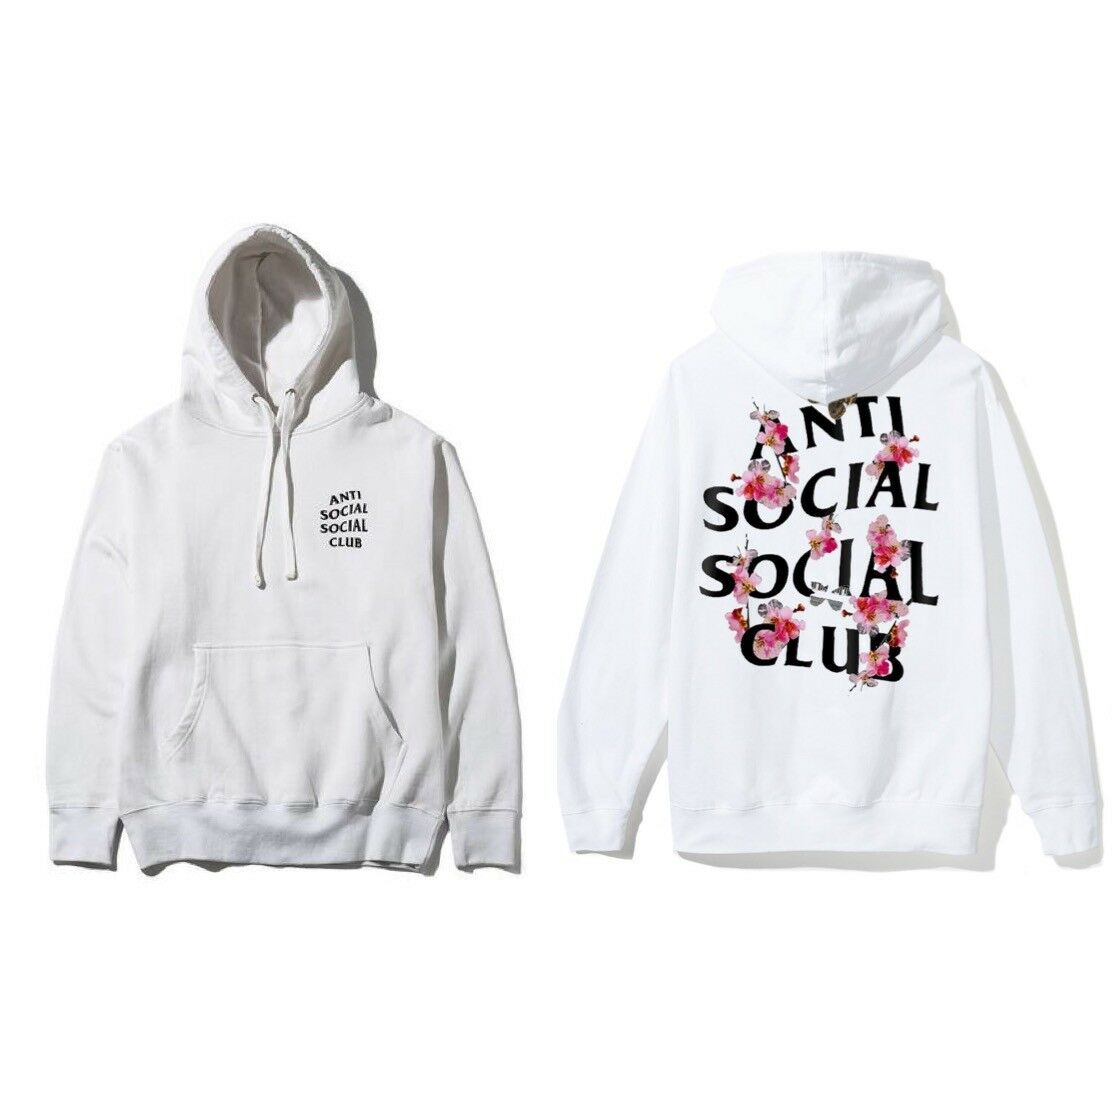 ASSC Anti Social Social Club ASSC logo Kkoch Weiß Hoody Größe XS S M L XL XXL